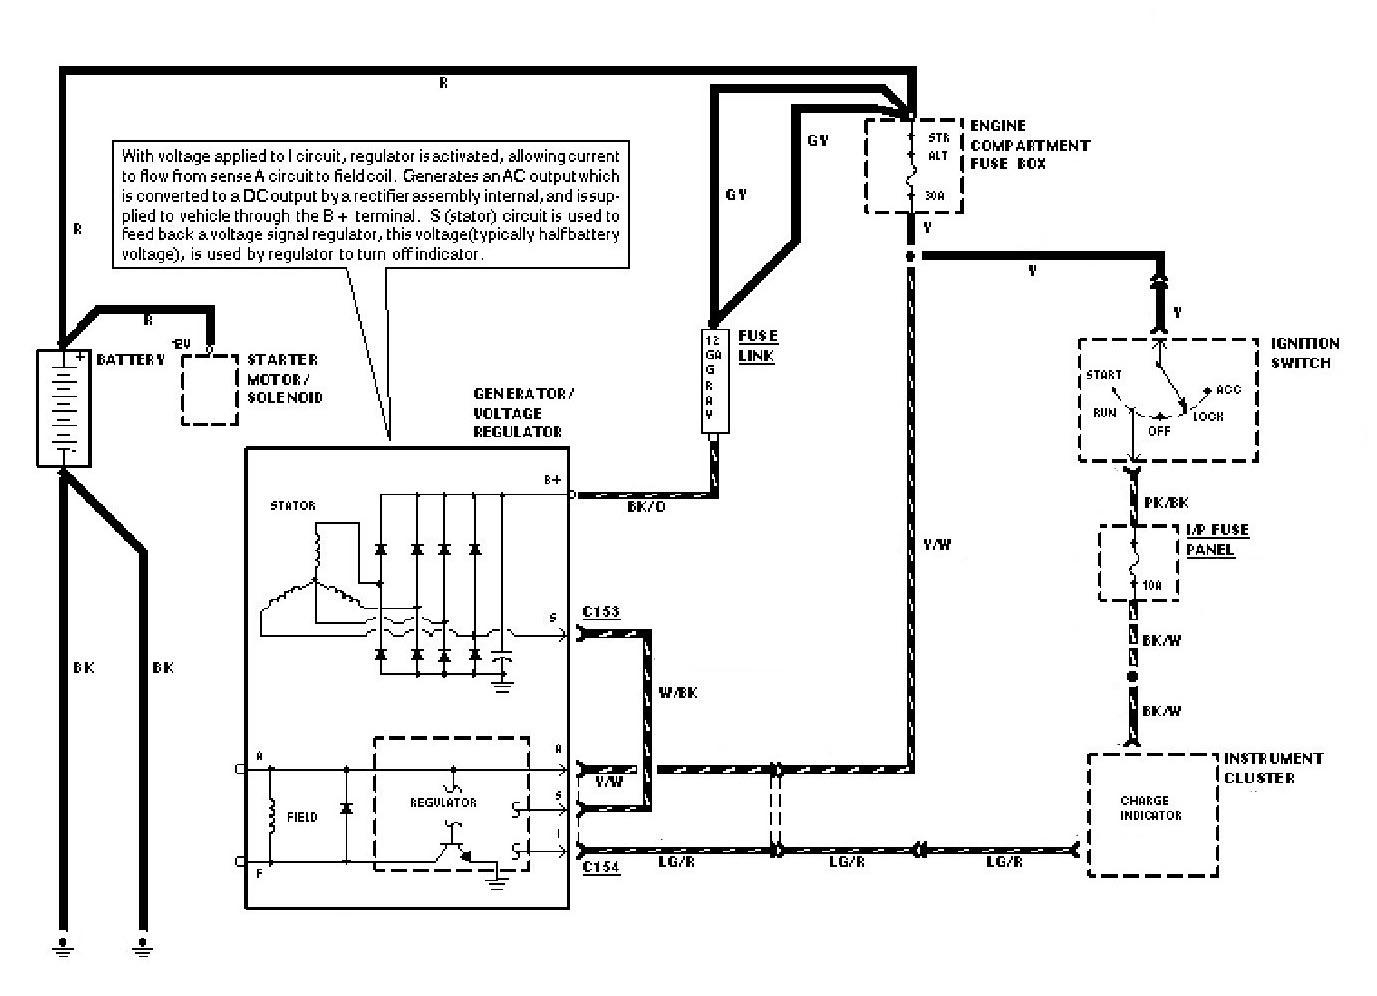 crown vic seat wiring diagram nh 0207  06 crown vic p71 fuse diagram schematic wiring  crown vic p71 fuse diagram schematic wiring